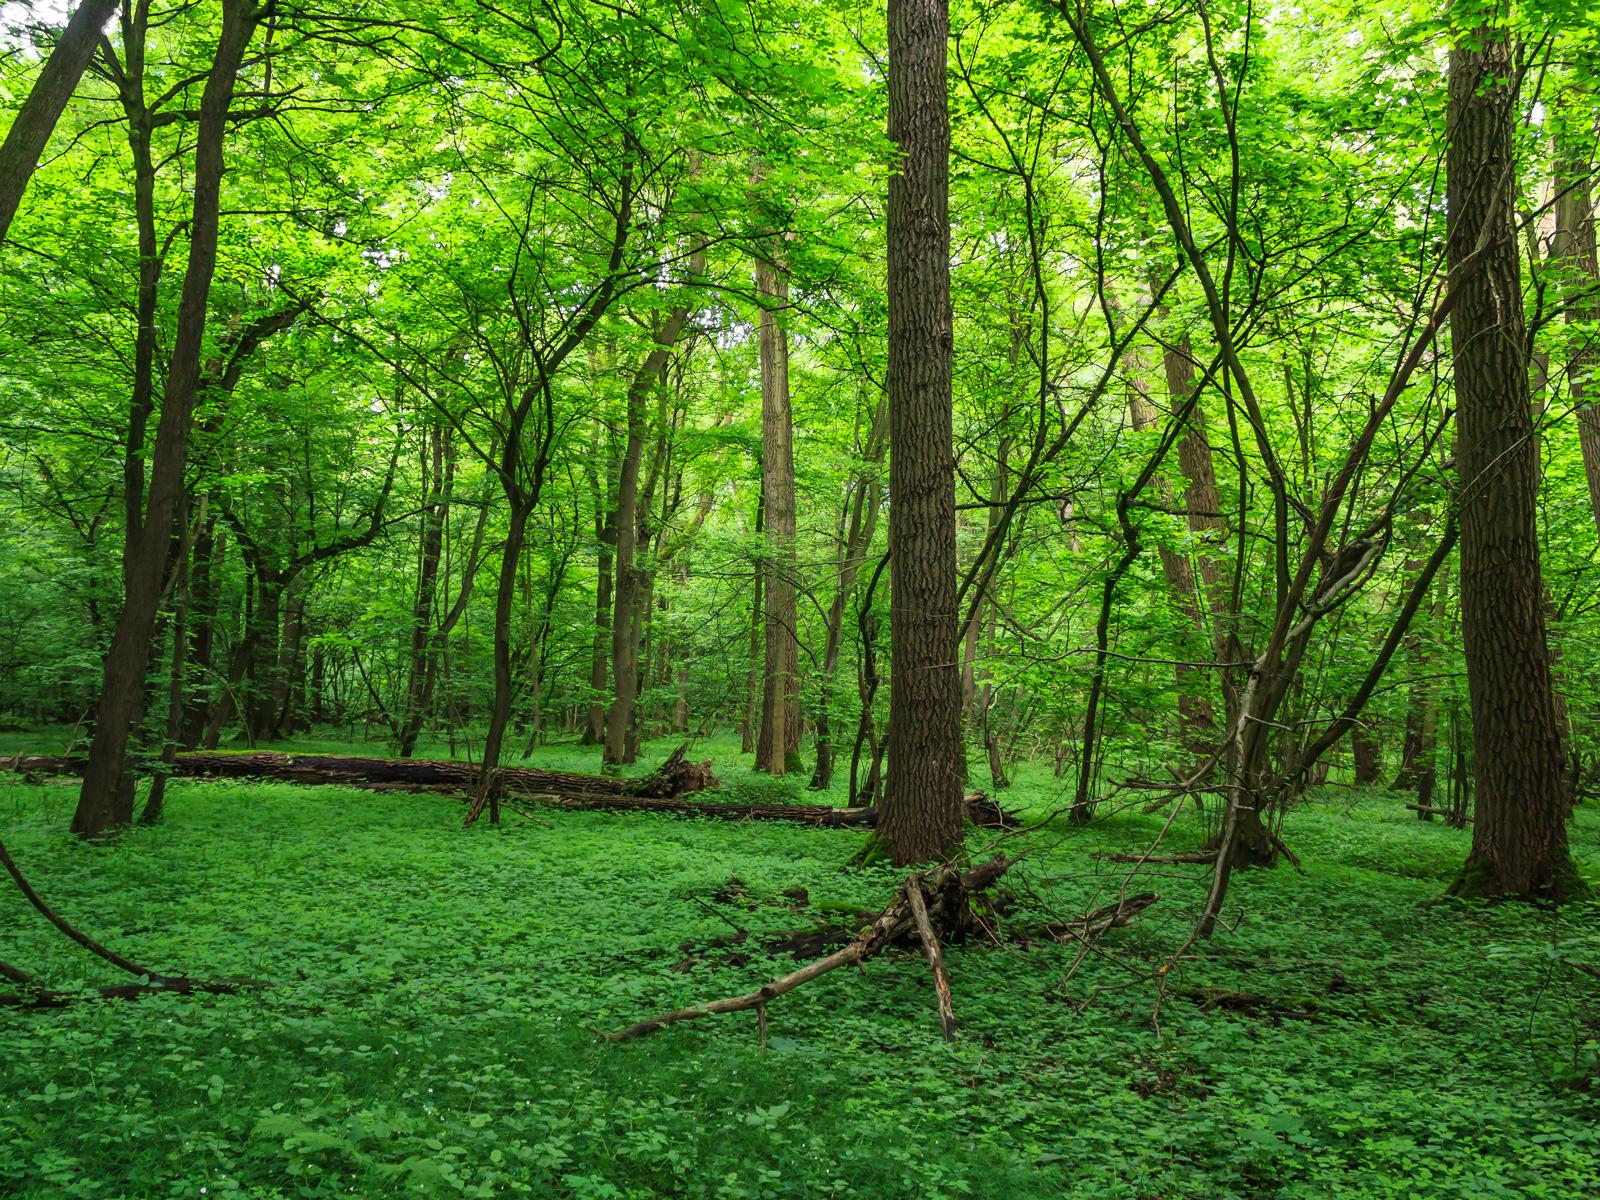 Toholz in Eichen-Hainbuchen-Wald